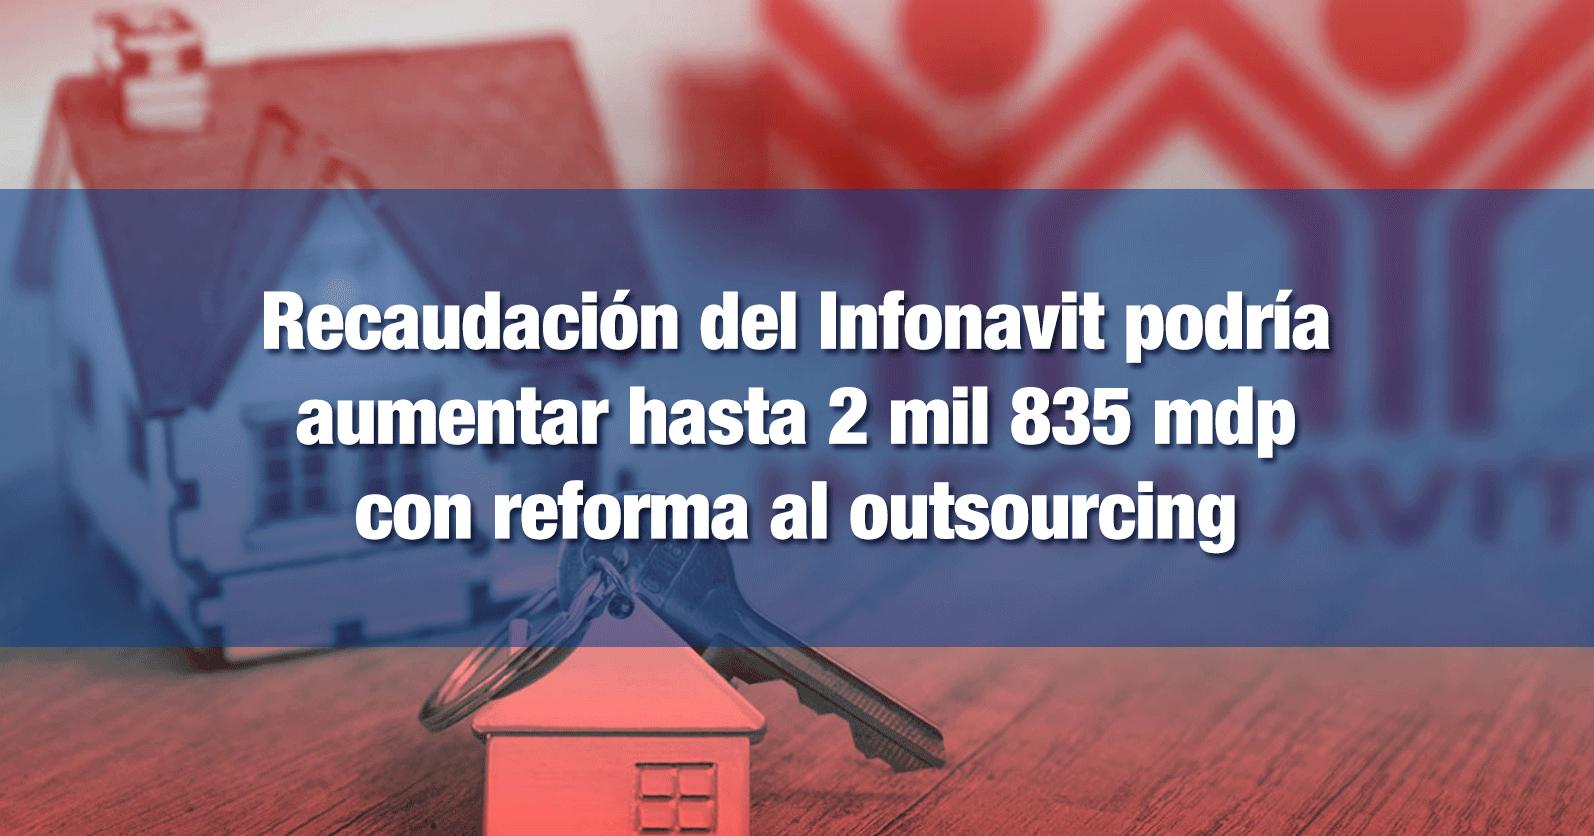 Recaudación del Infonavit podría aumentar hasta 2 mil 835 mdp con reforma al outsourcing